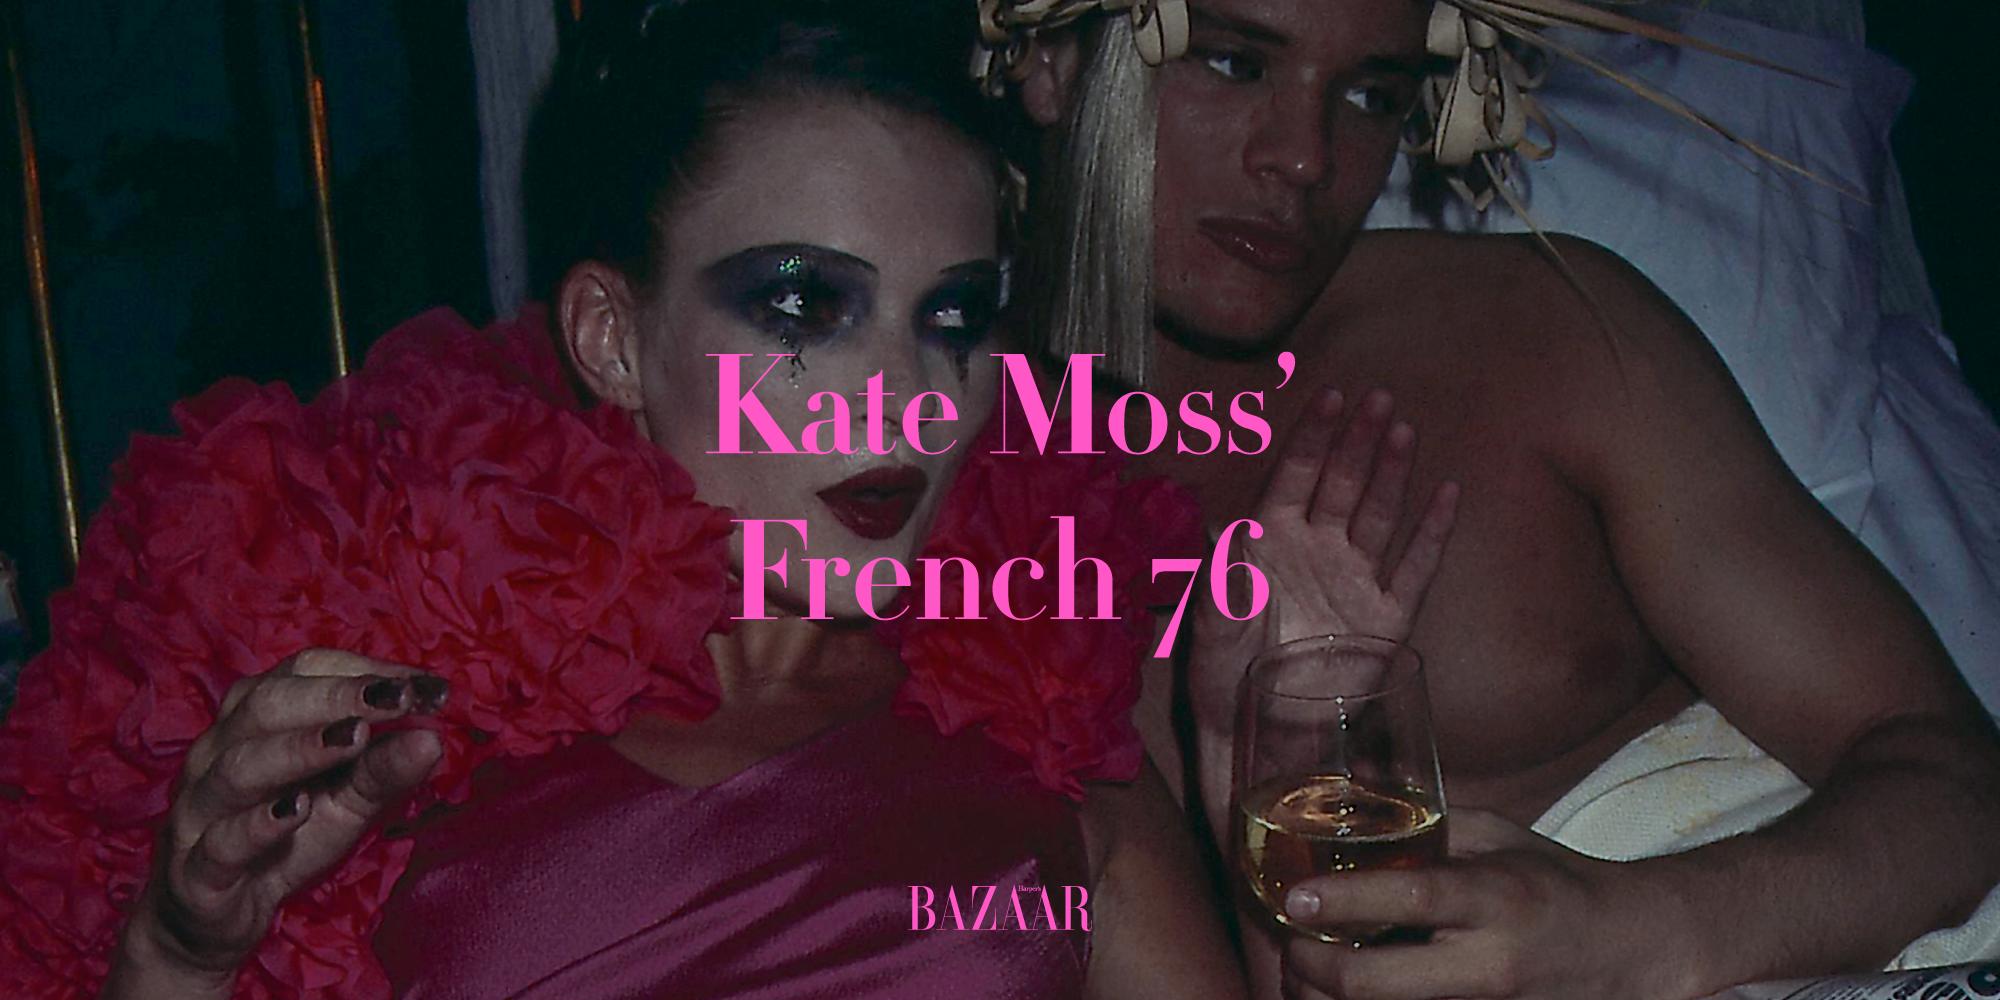 La ricetta del cocktail French 76 di Kate Moss